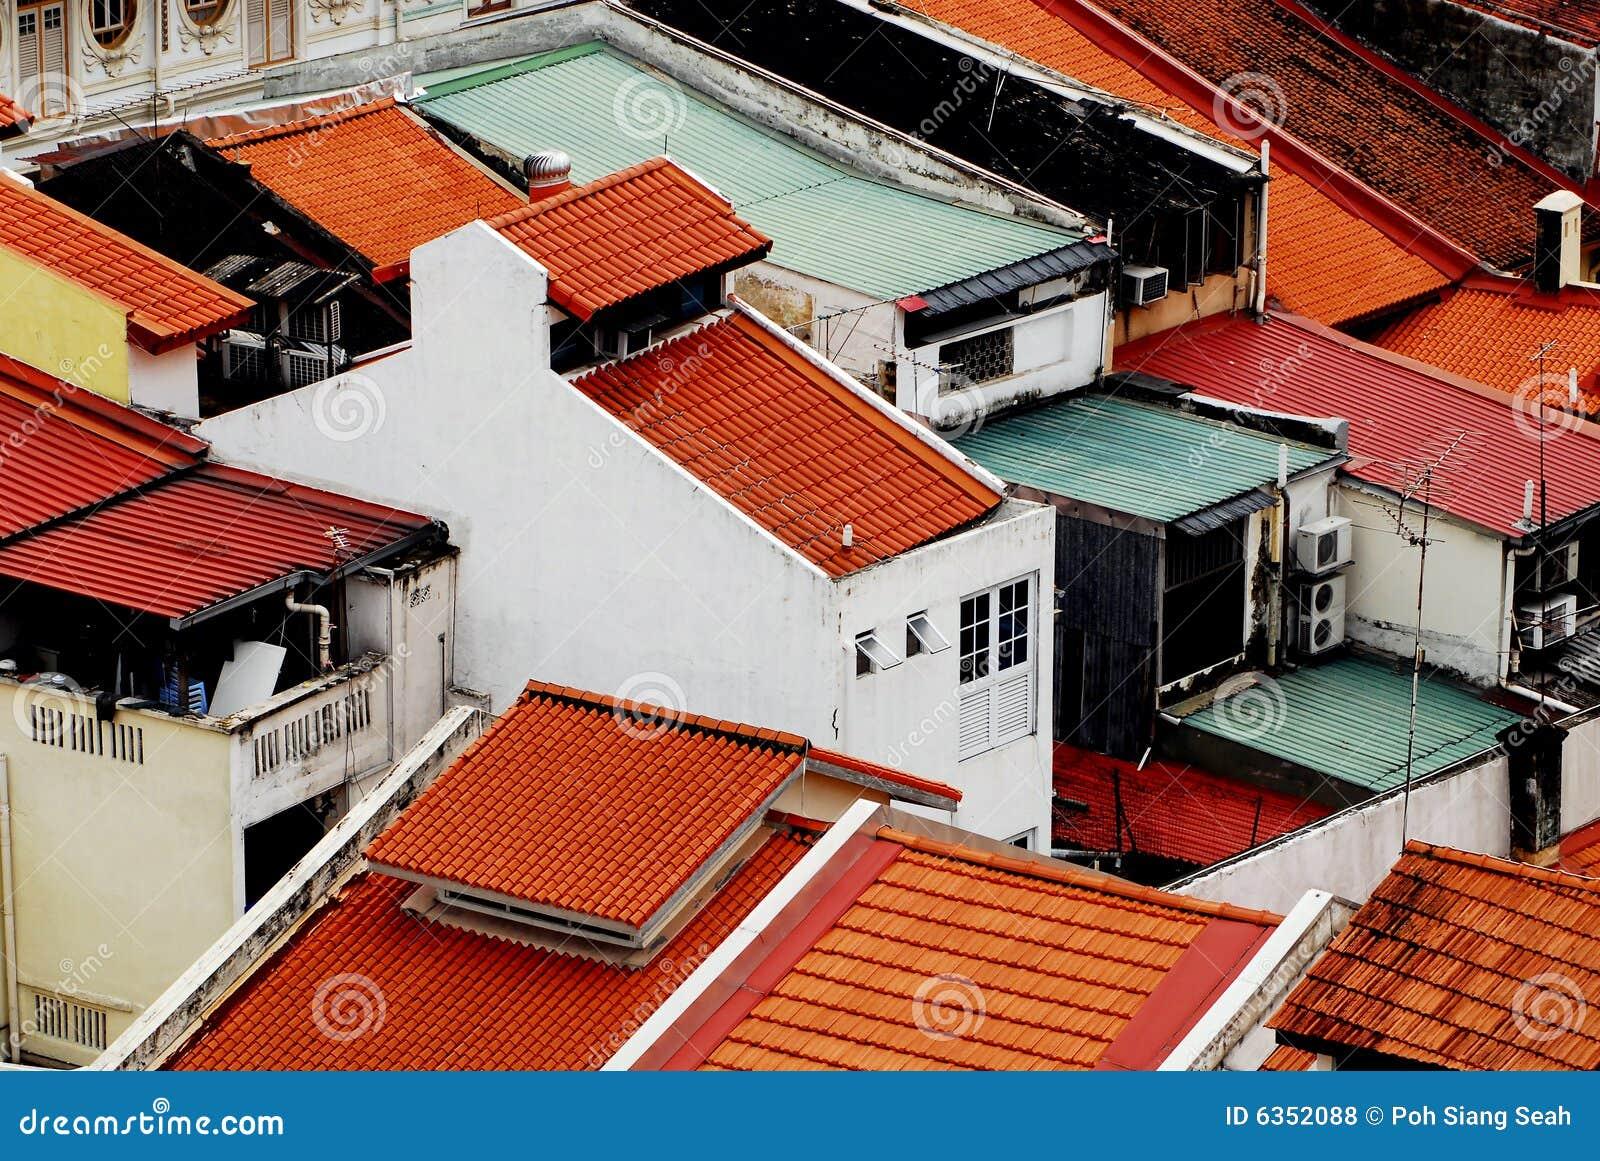 Edifício histórico em Singapore